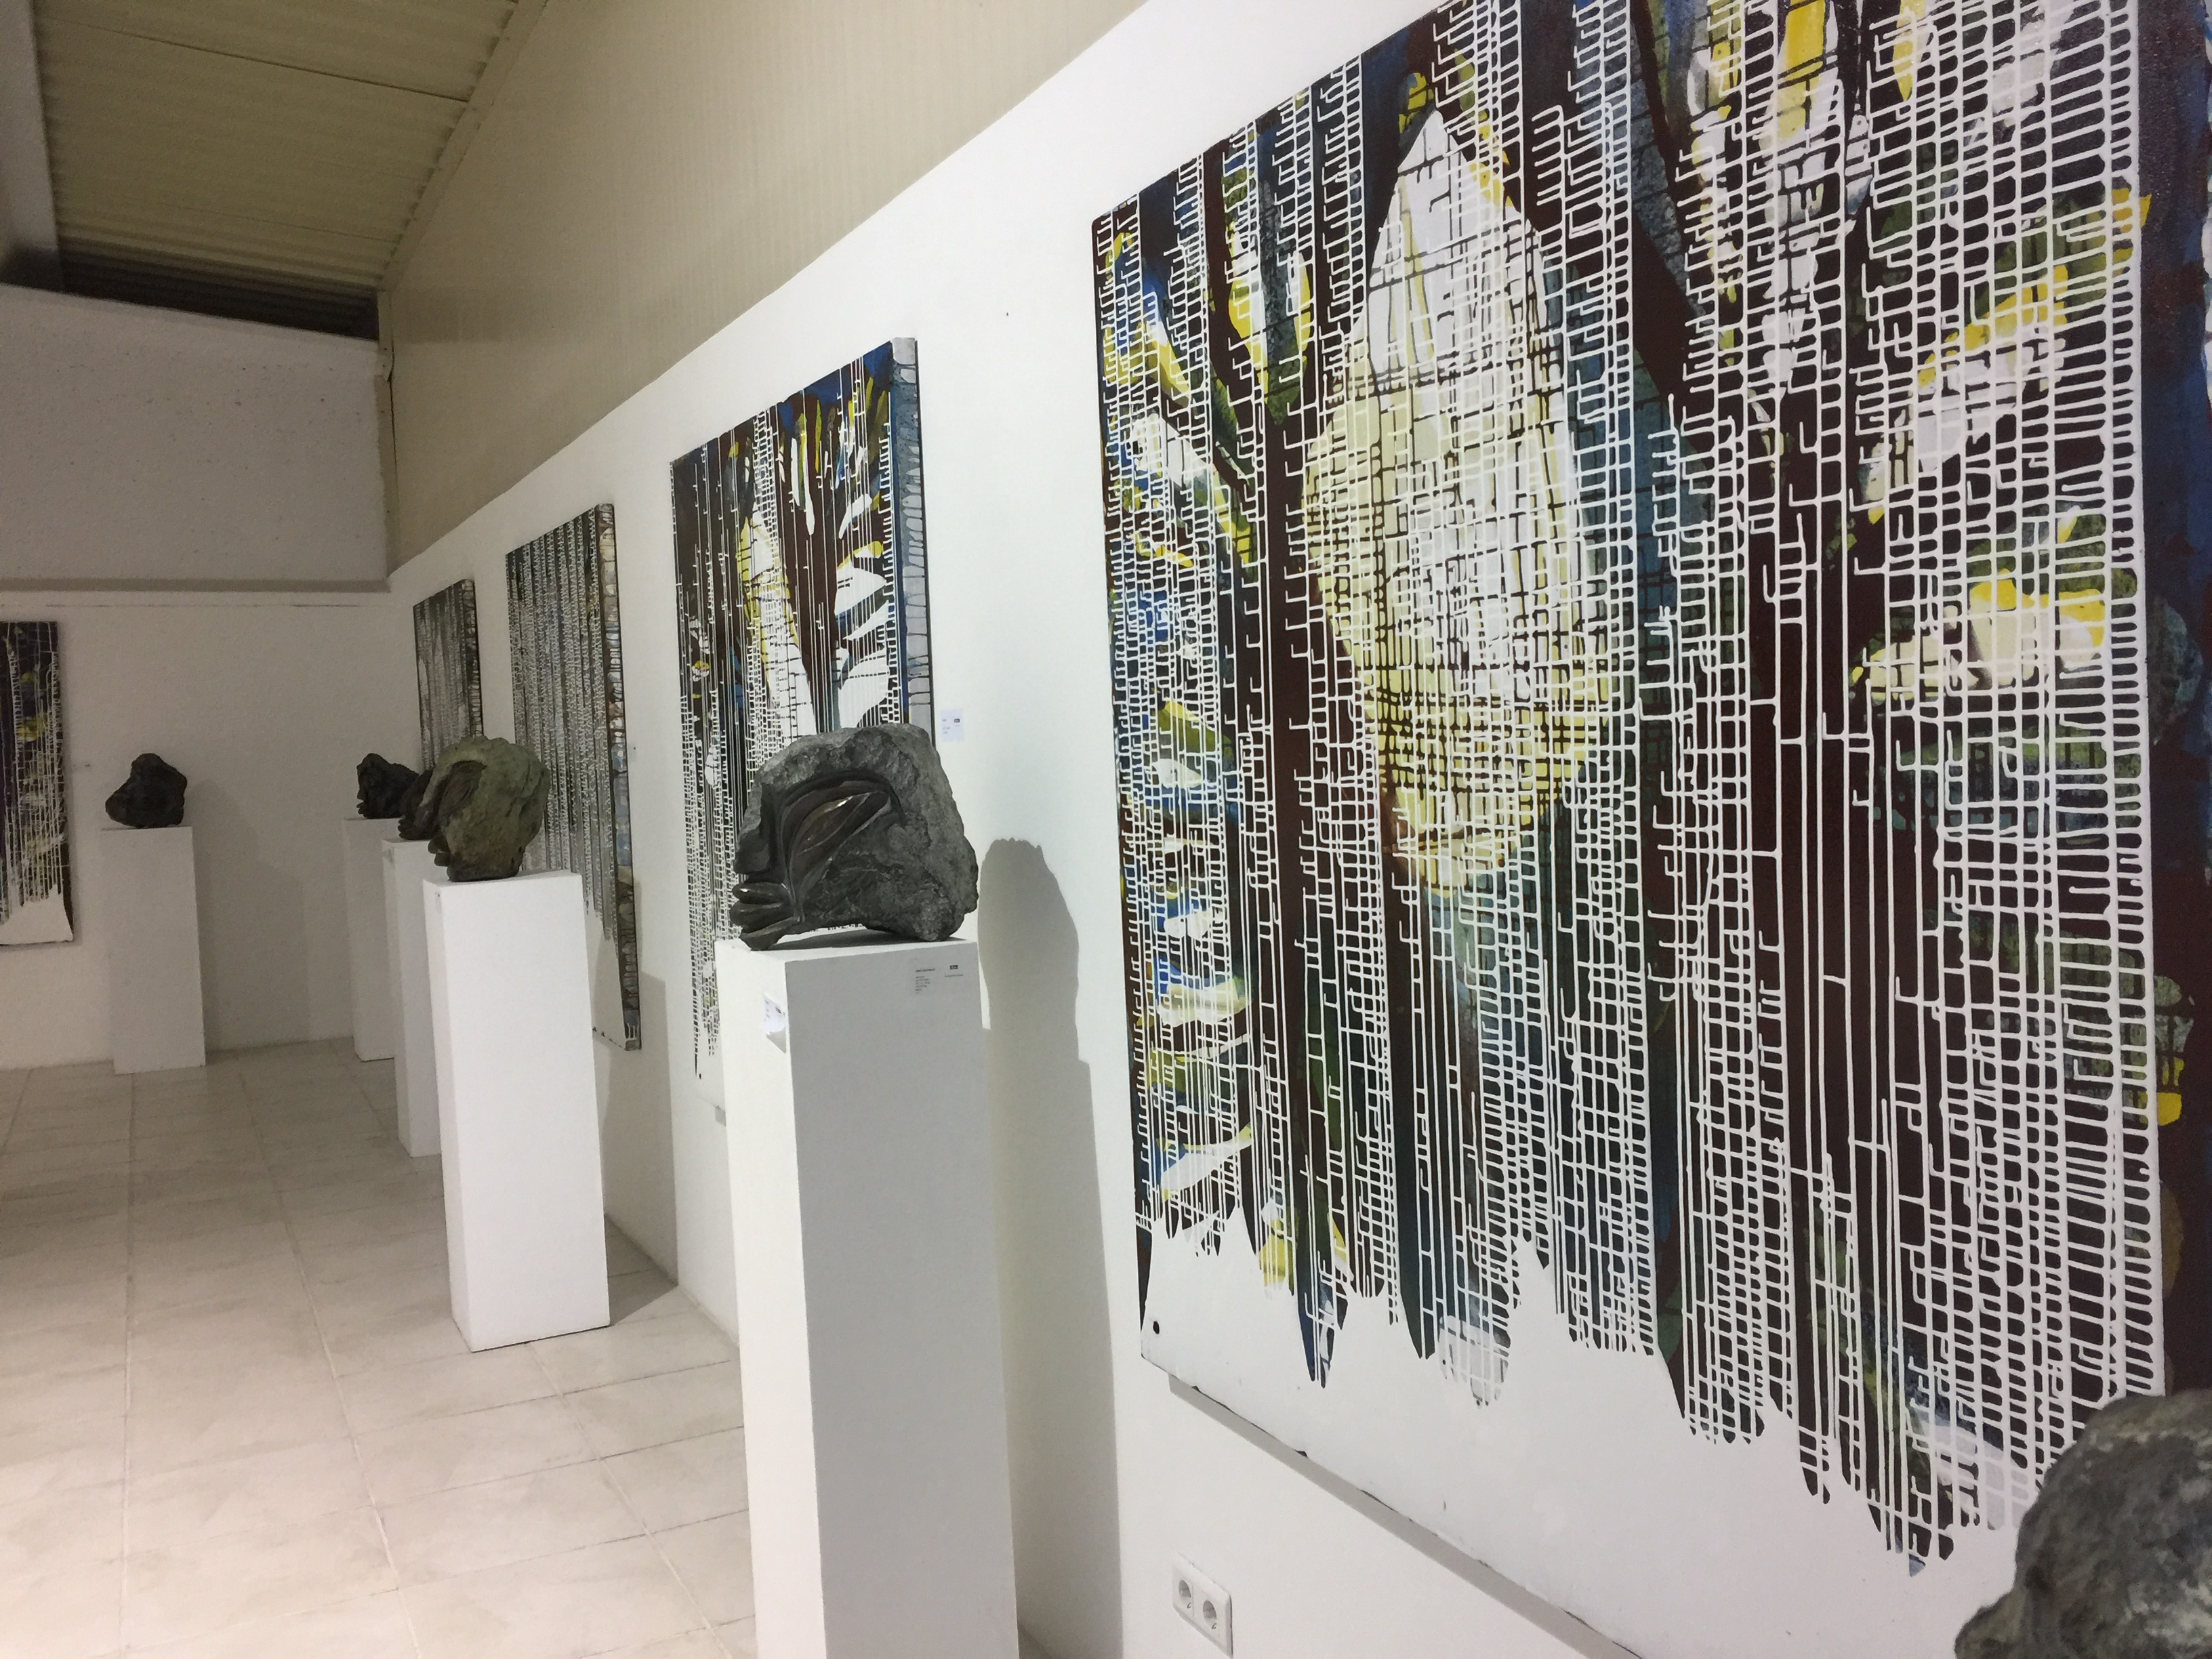 Installation: MANA/KOPF-LOS